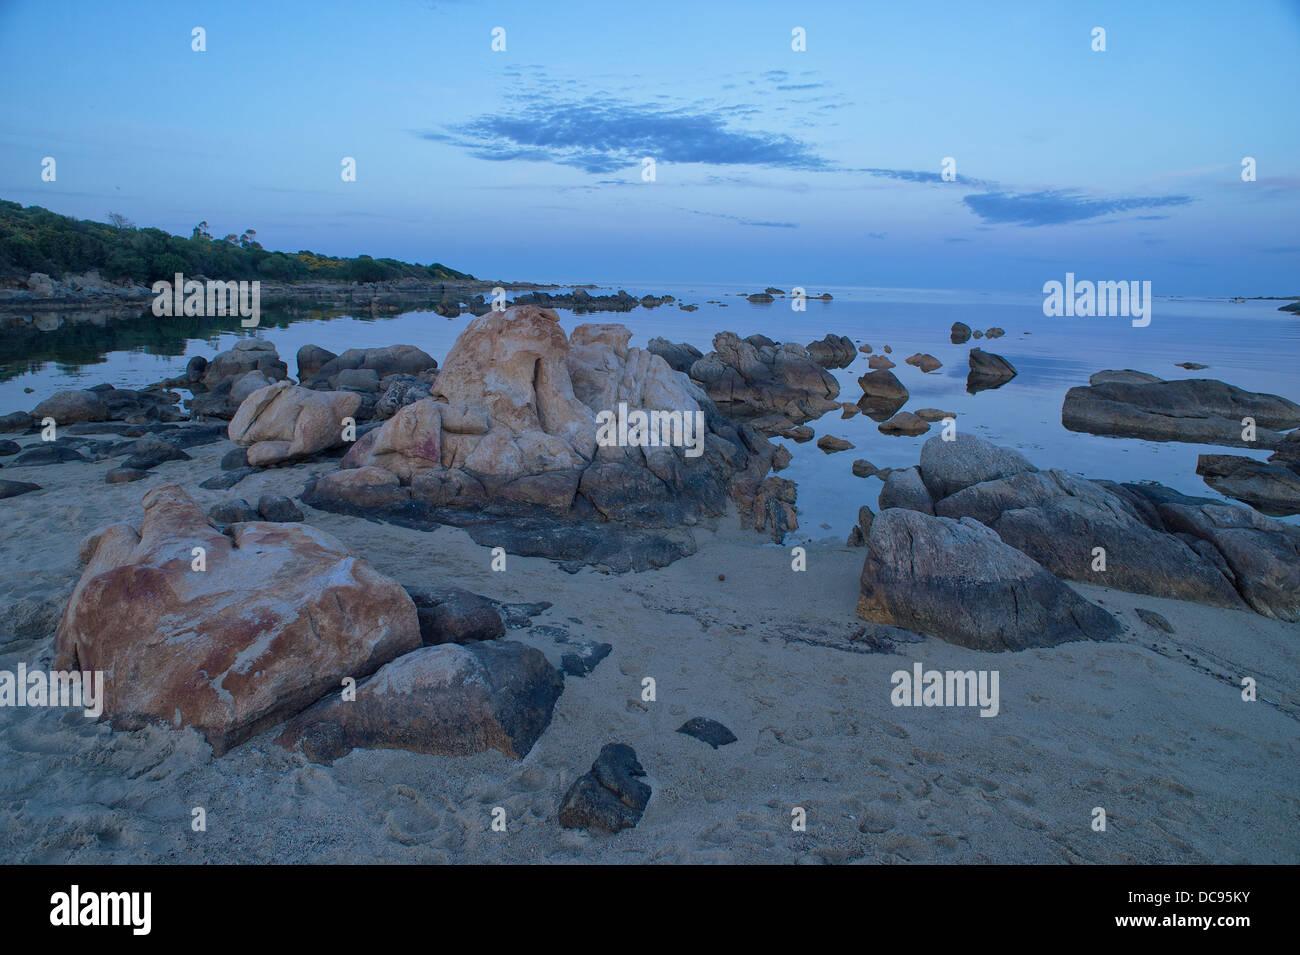 Rocks on the beach of Ottiolu, Sardinia - Stock Image